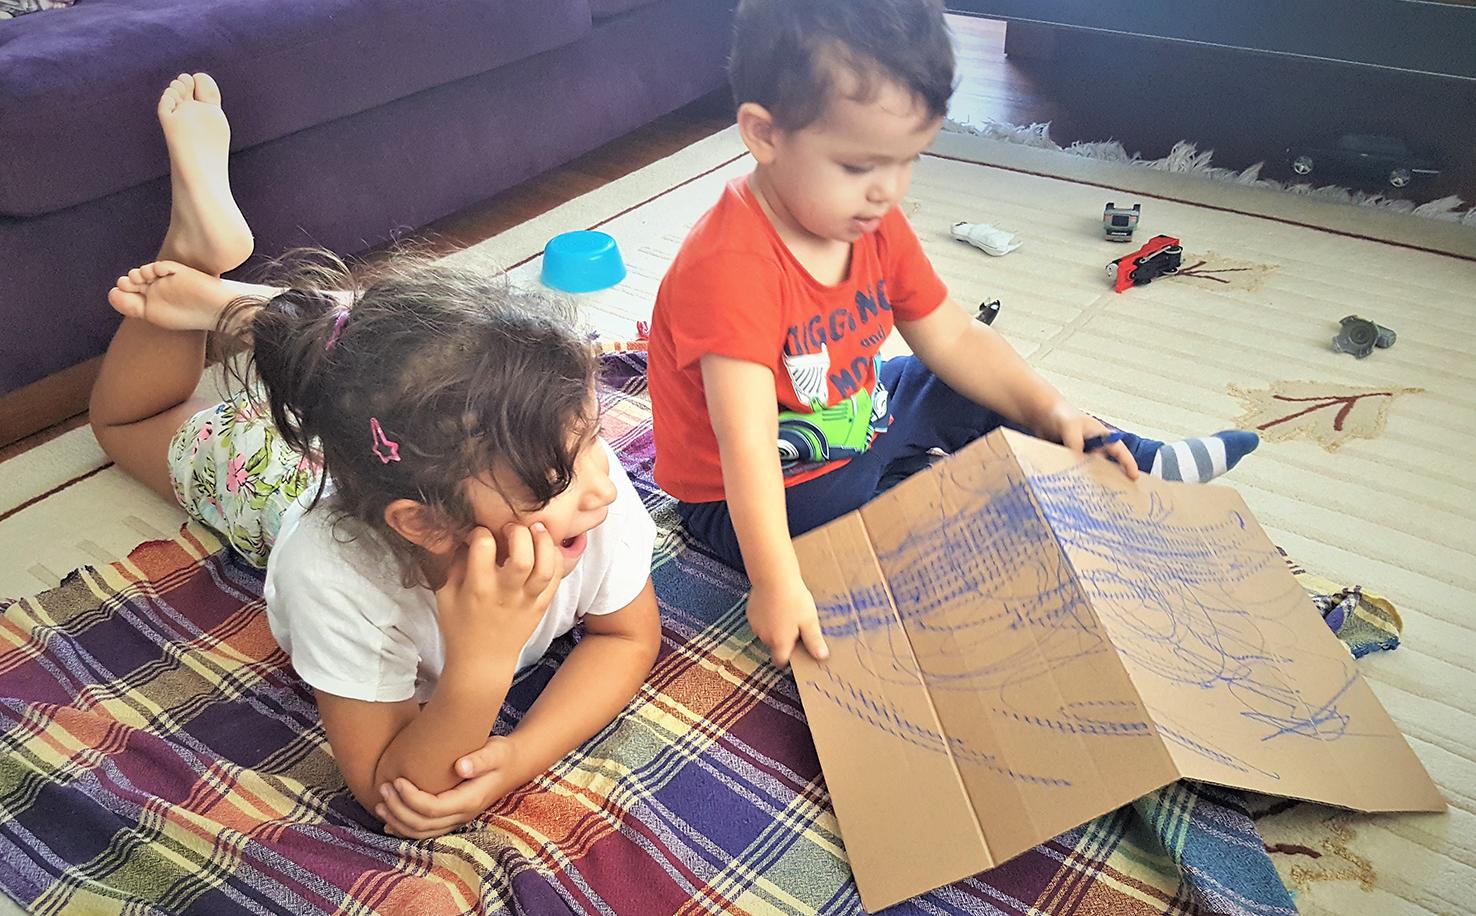 Çocuklara İlaç İçirme Yolları Nasıl Kolay İçirebiliriz